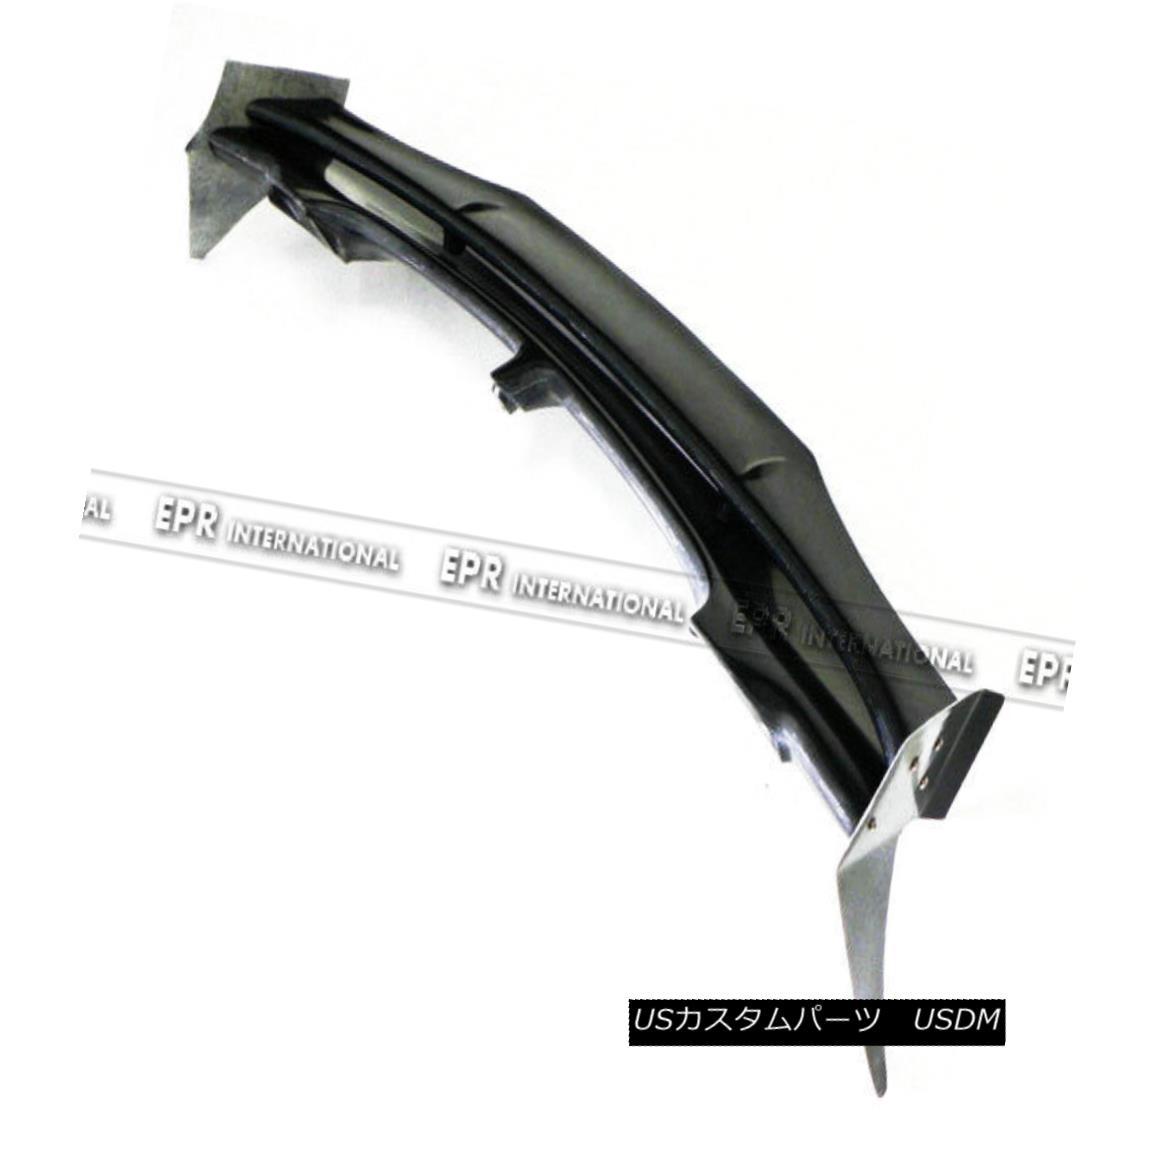 エアロパーツ ABC 4pcs Rear Roof Spoiler For Mini Cooper 06-13 S R56 D-AG Style Carbon + FRP ミニクーパー用ABC 4pcsリア屋根用スポイラー06-13 S R56 D-AGスタイルカーボン+ FRP